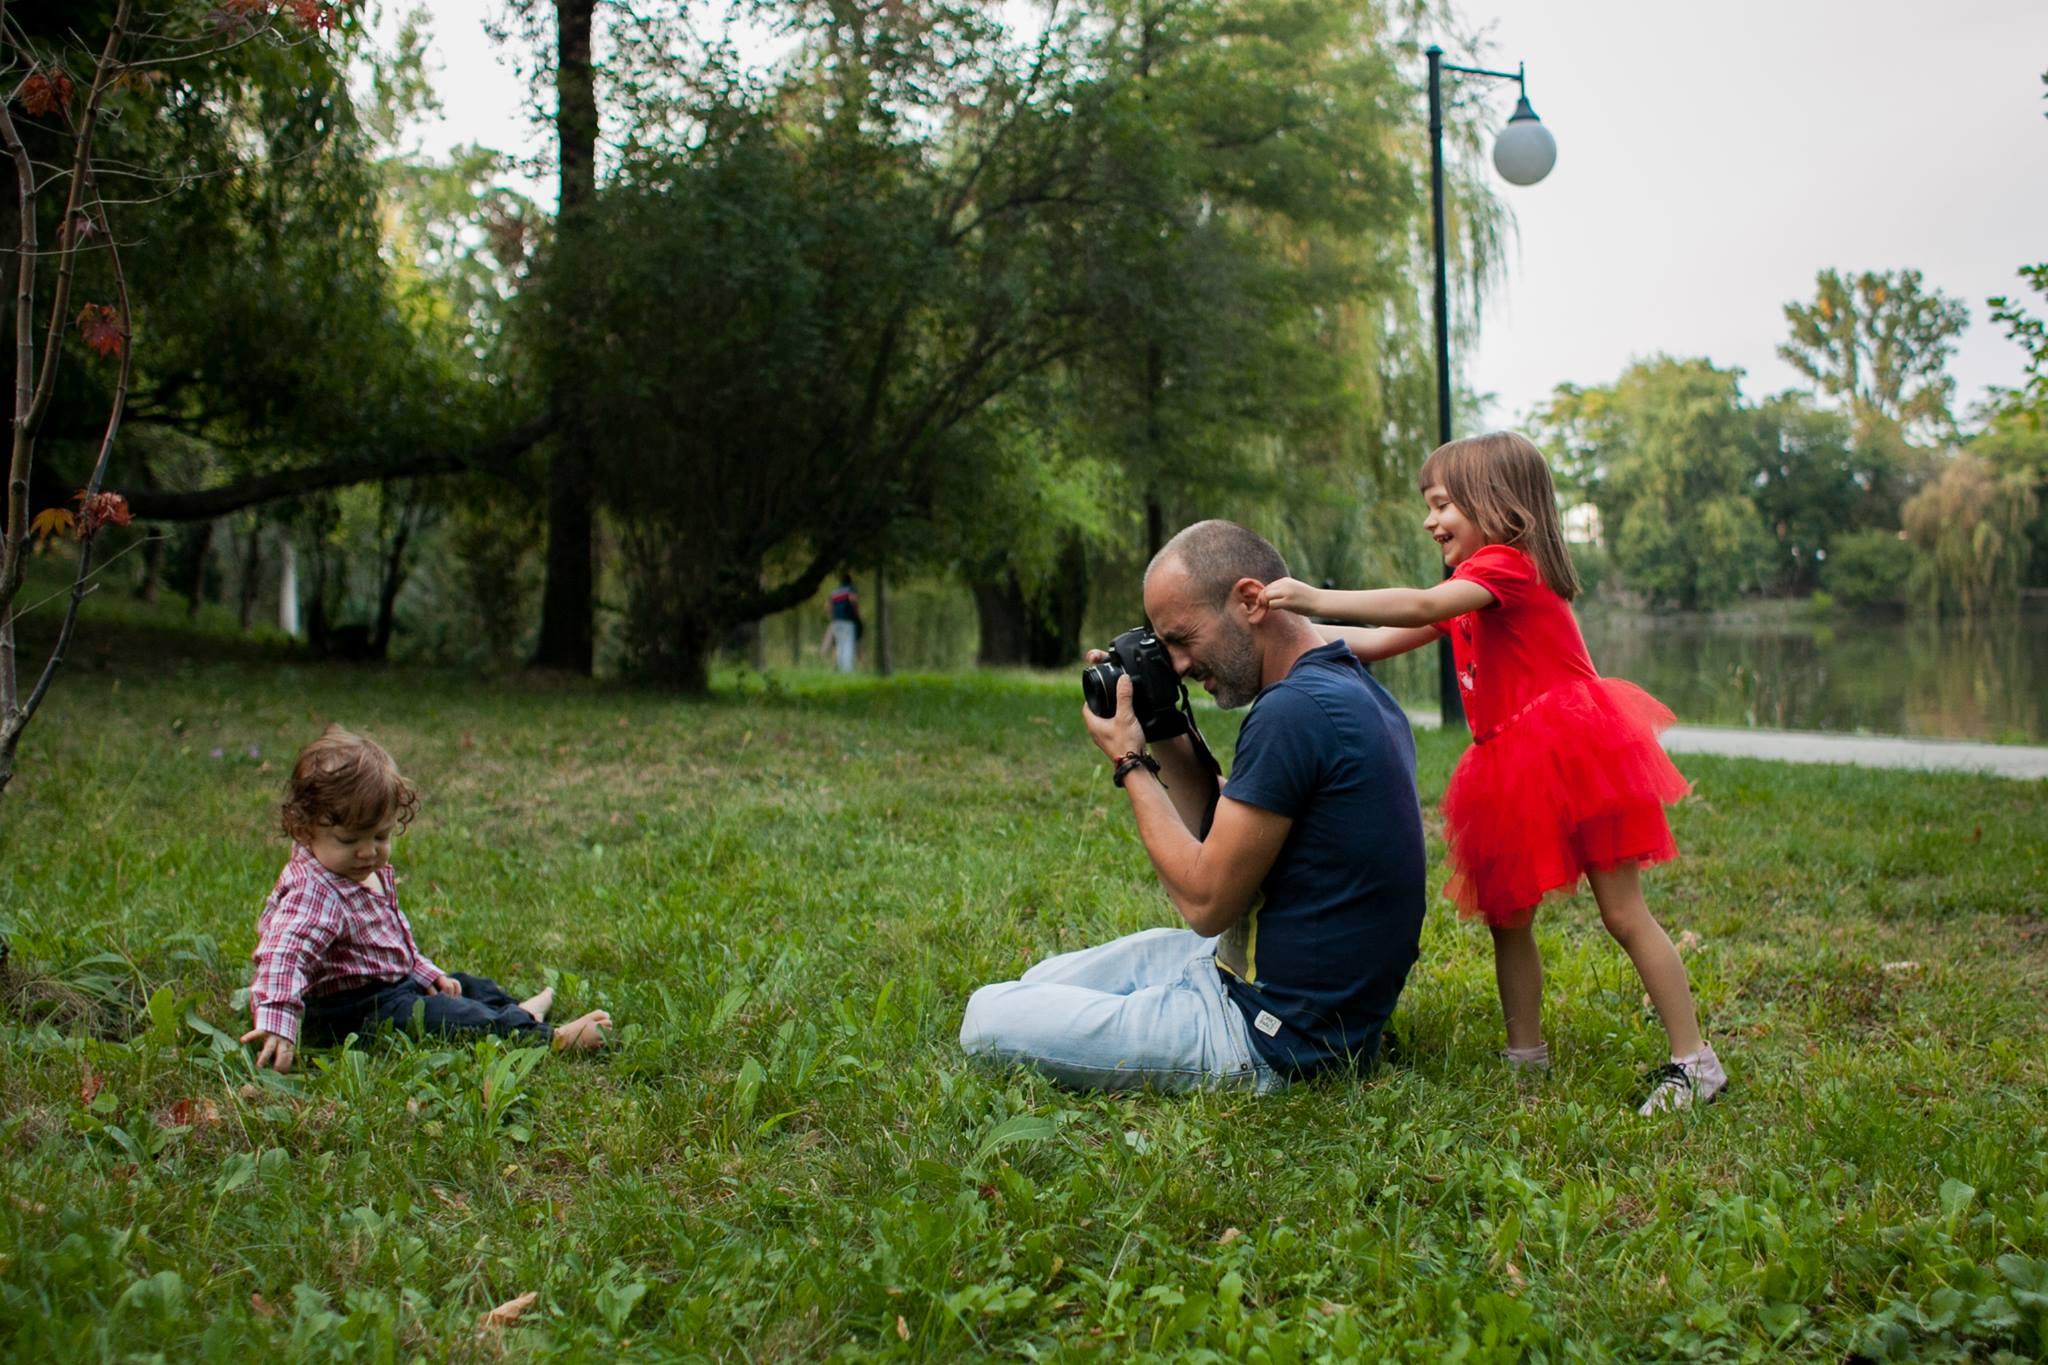 Bogdan Dincă - Îmi place să fotografiez fără regie și să documentez istorii personale. De 14 ani fac fotografie de familie și fotografie documentară. Mă găsiți și pe www.documentaria.ro și pe pagina de facebook.